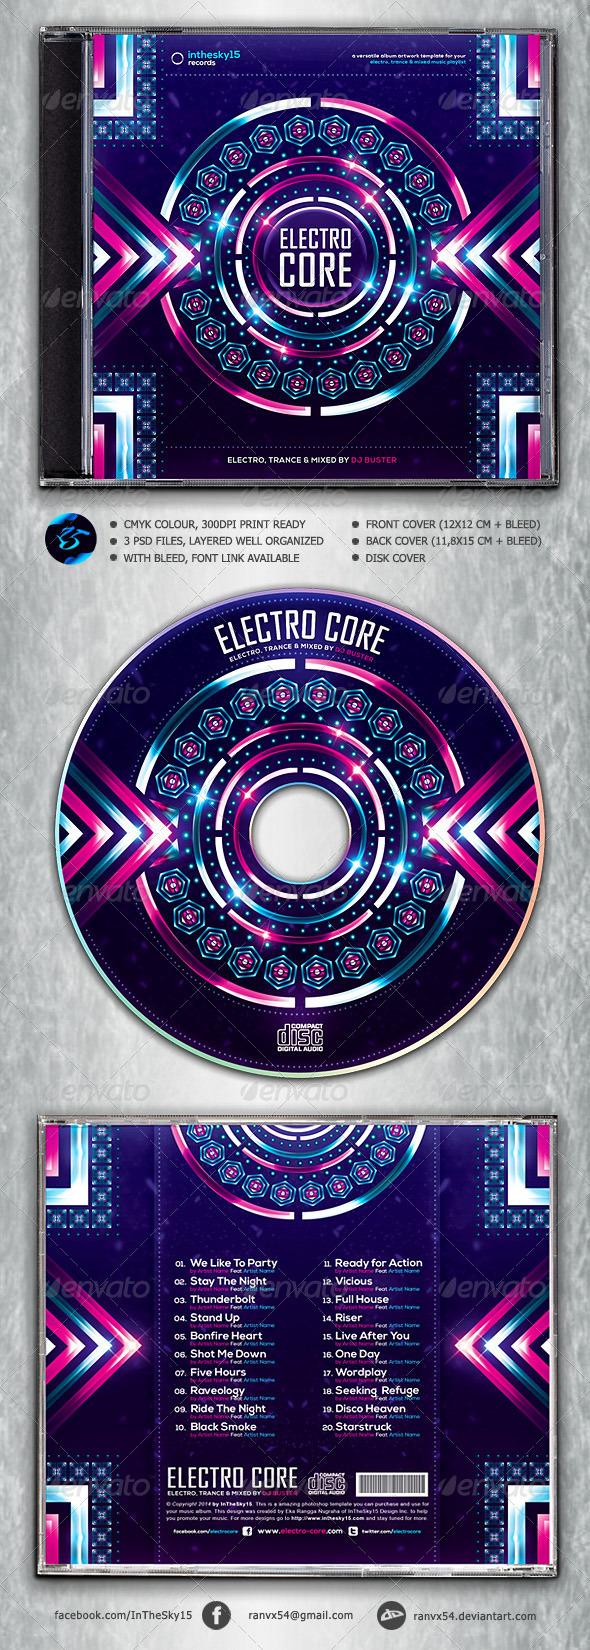 GraphicRiver Electro Core CD Album Artwork 6949363